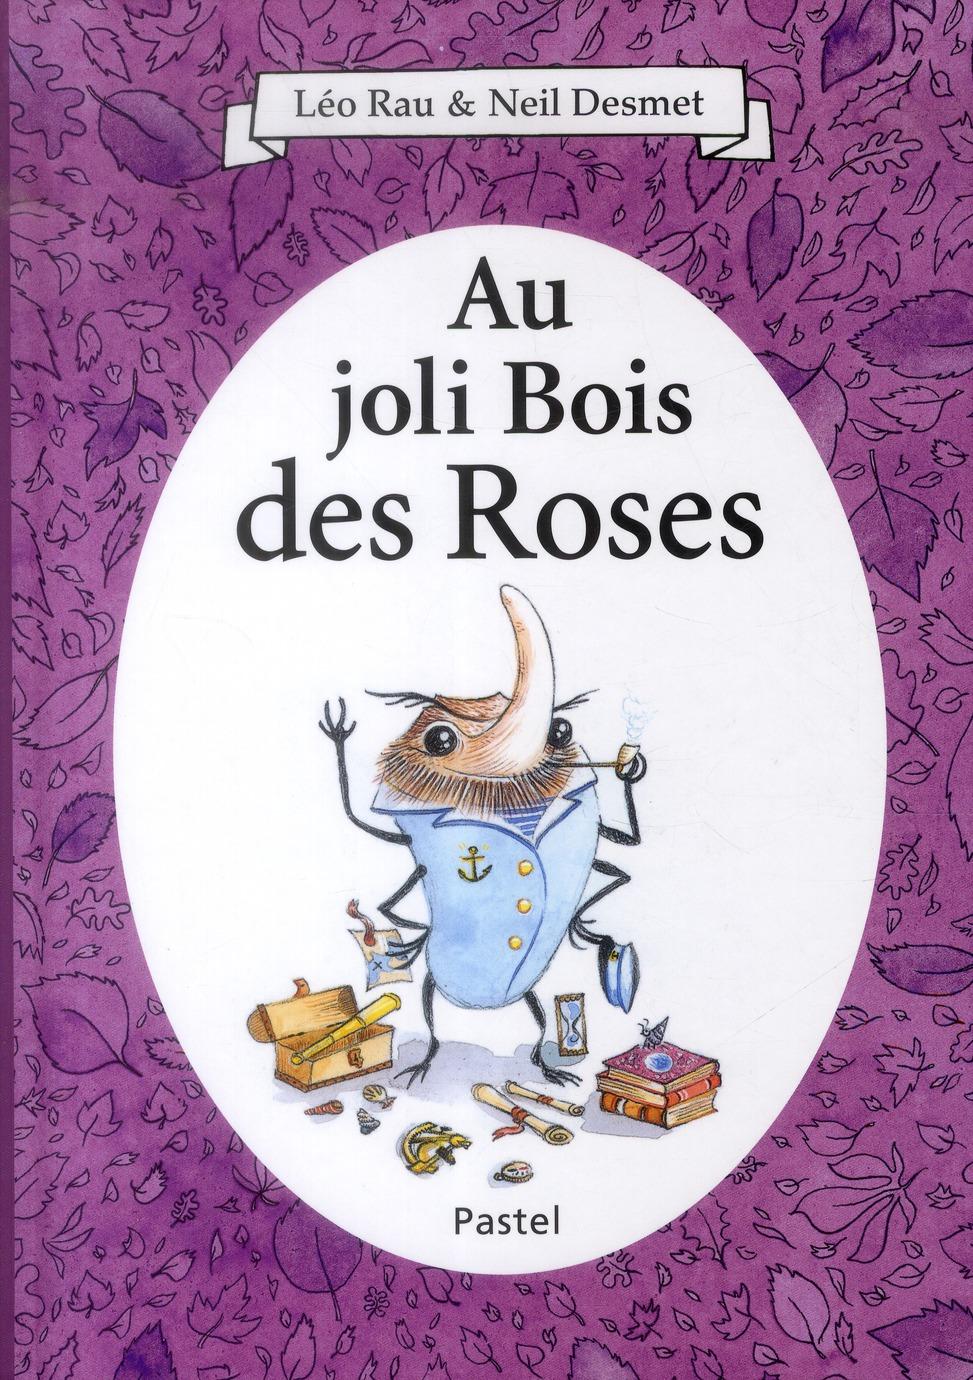 AU JOLI BOIS DES ROSES